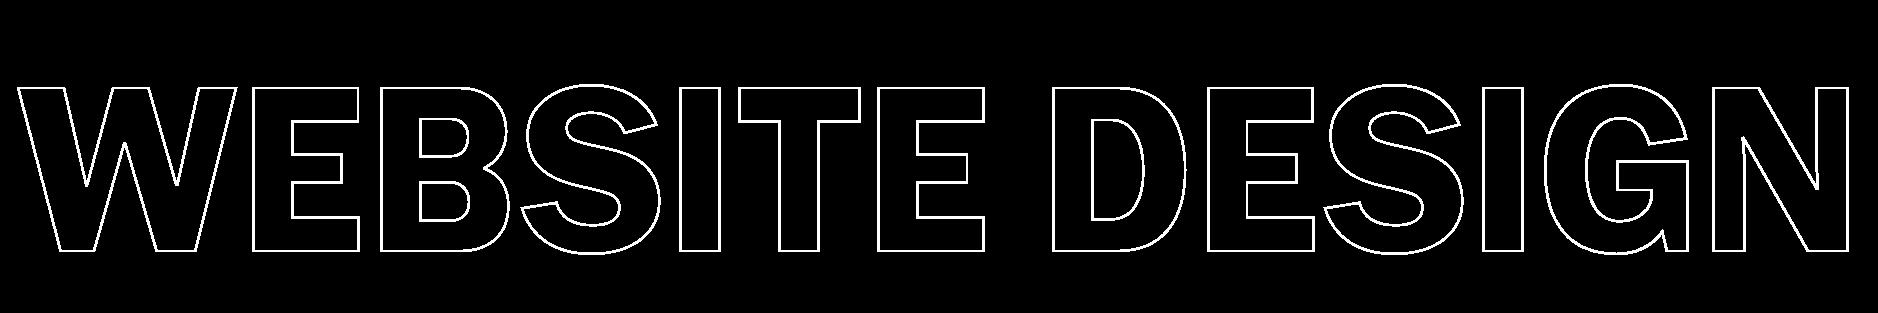 Naetur Website Design Banner